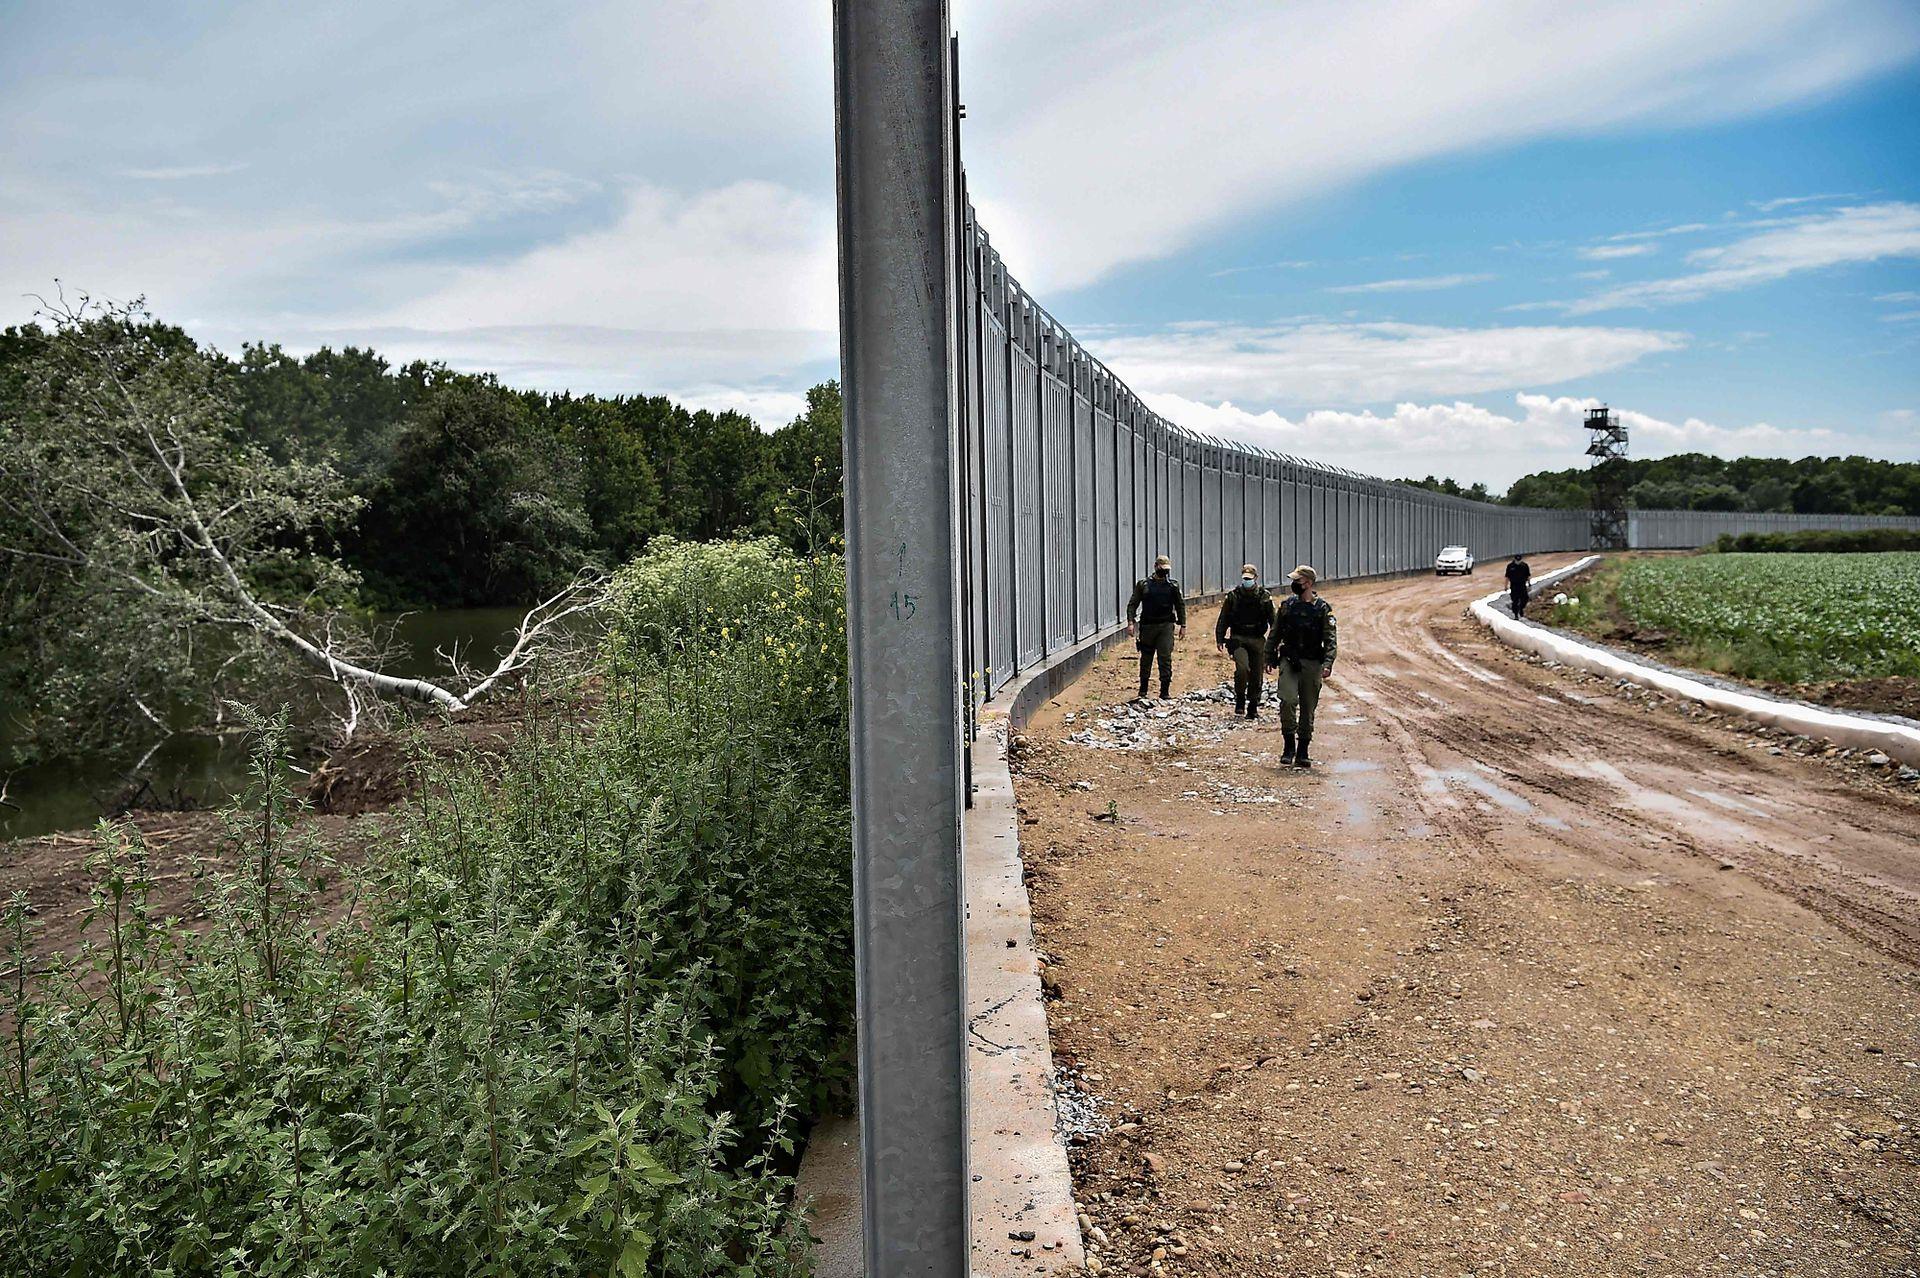 """La mayoría de los habitantes de la región aplaude la construcción del nuevo muro, pero lo considera insuficiente. """"La valla solo cubre una pequeña parte de la frontera"""", lamenta Panagiotis Ageladarakis, presidente del pueblo de Amorio, cerca del río."""